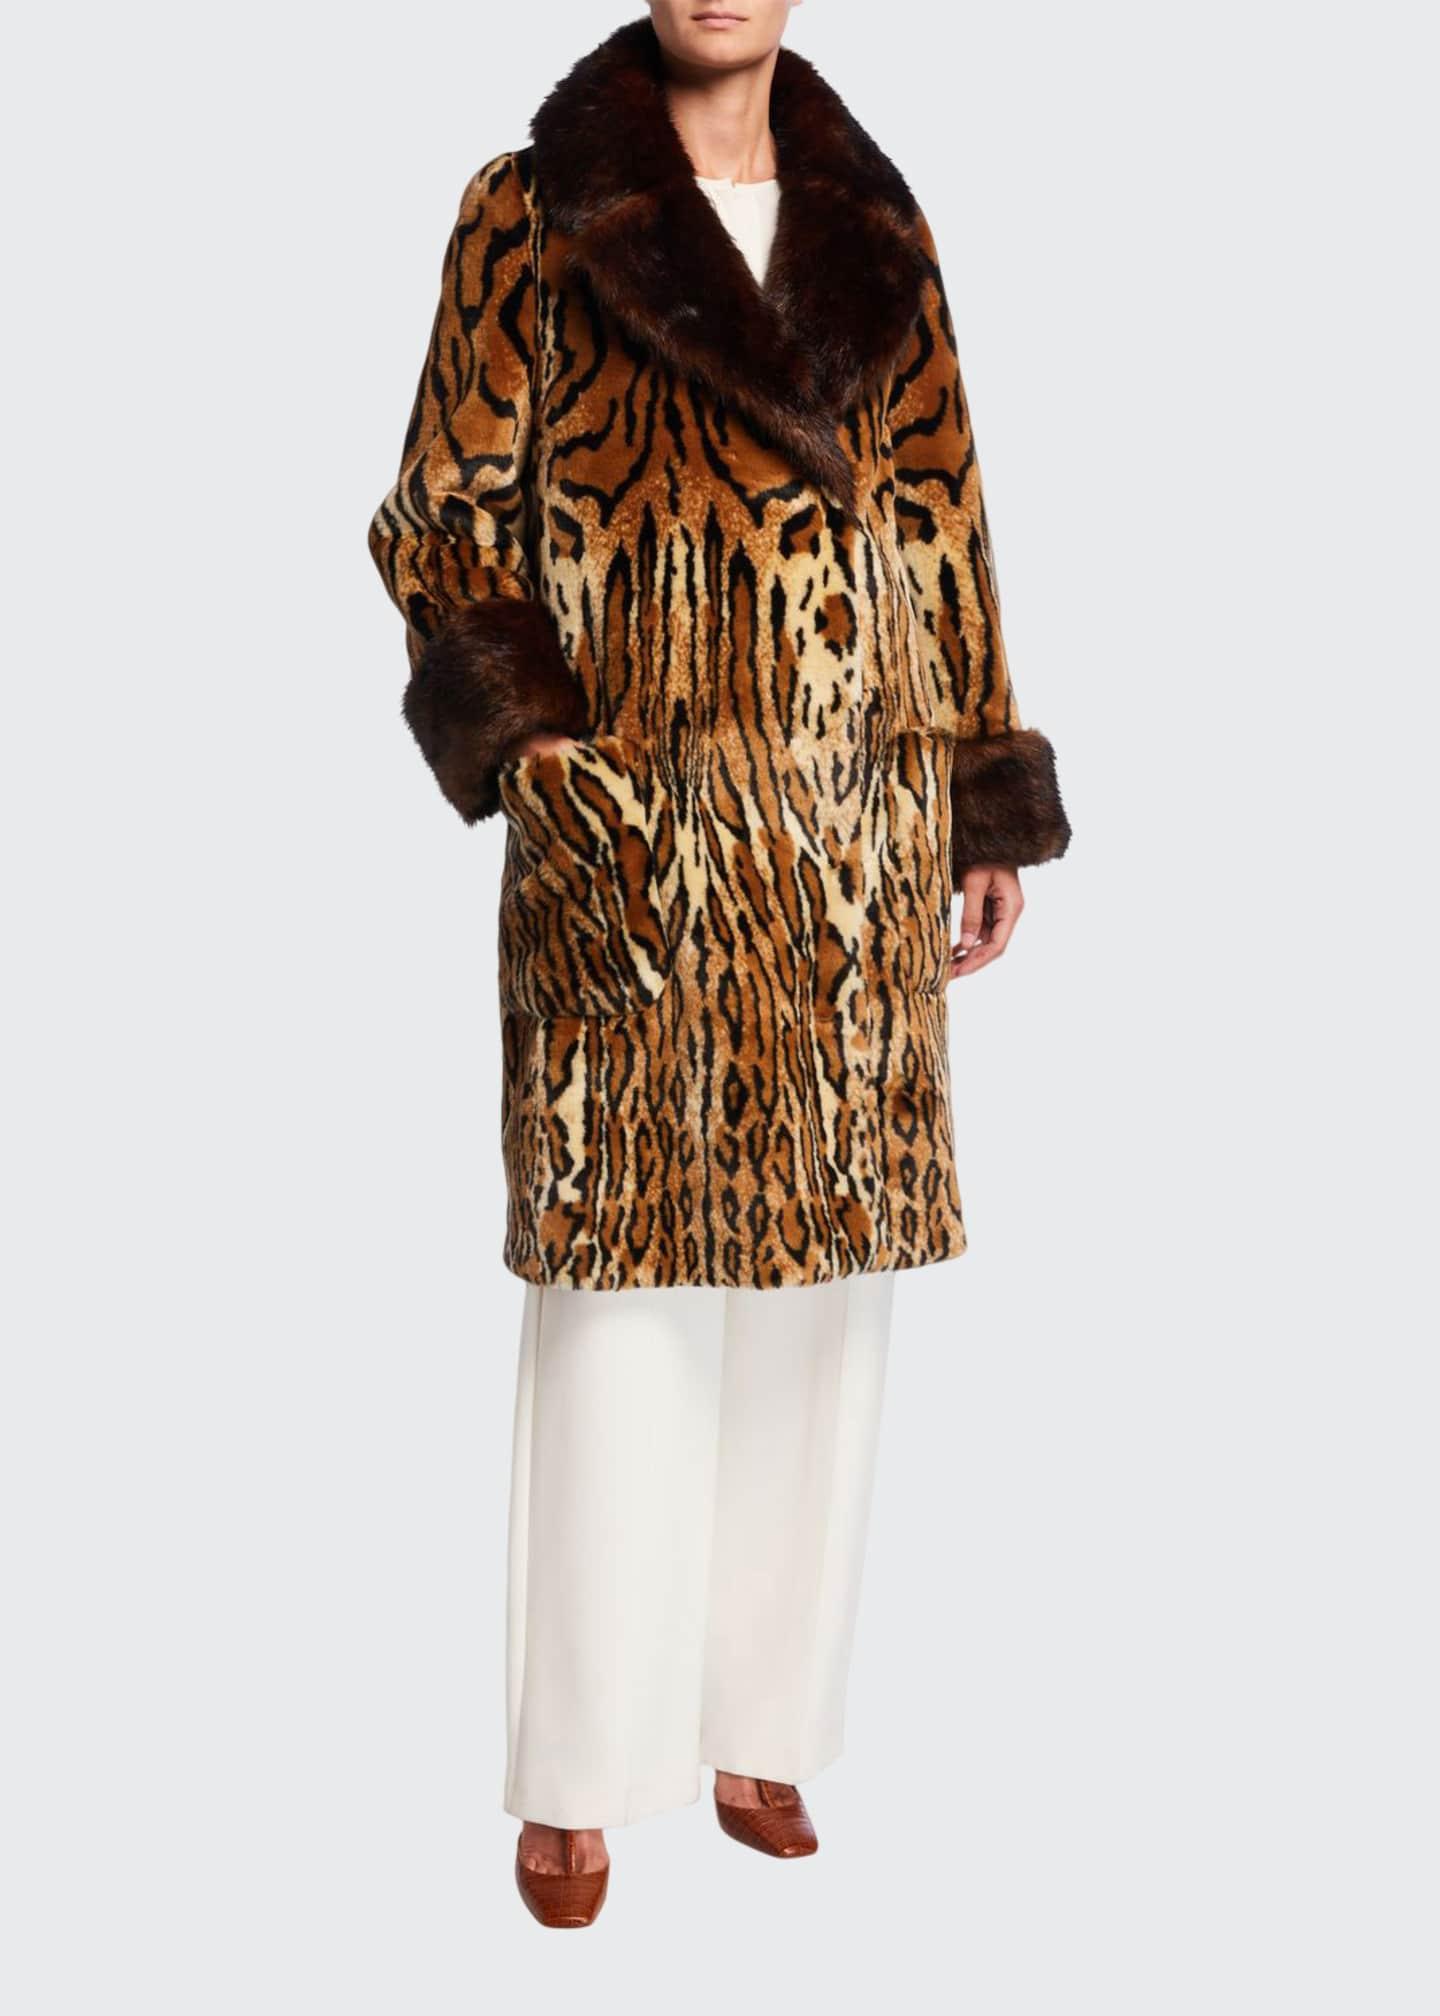 Gucci Leopard-Print Faux-Fur Coat